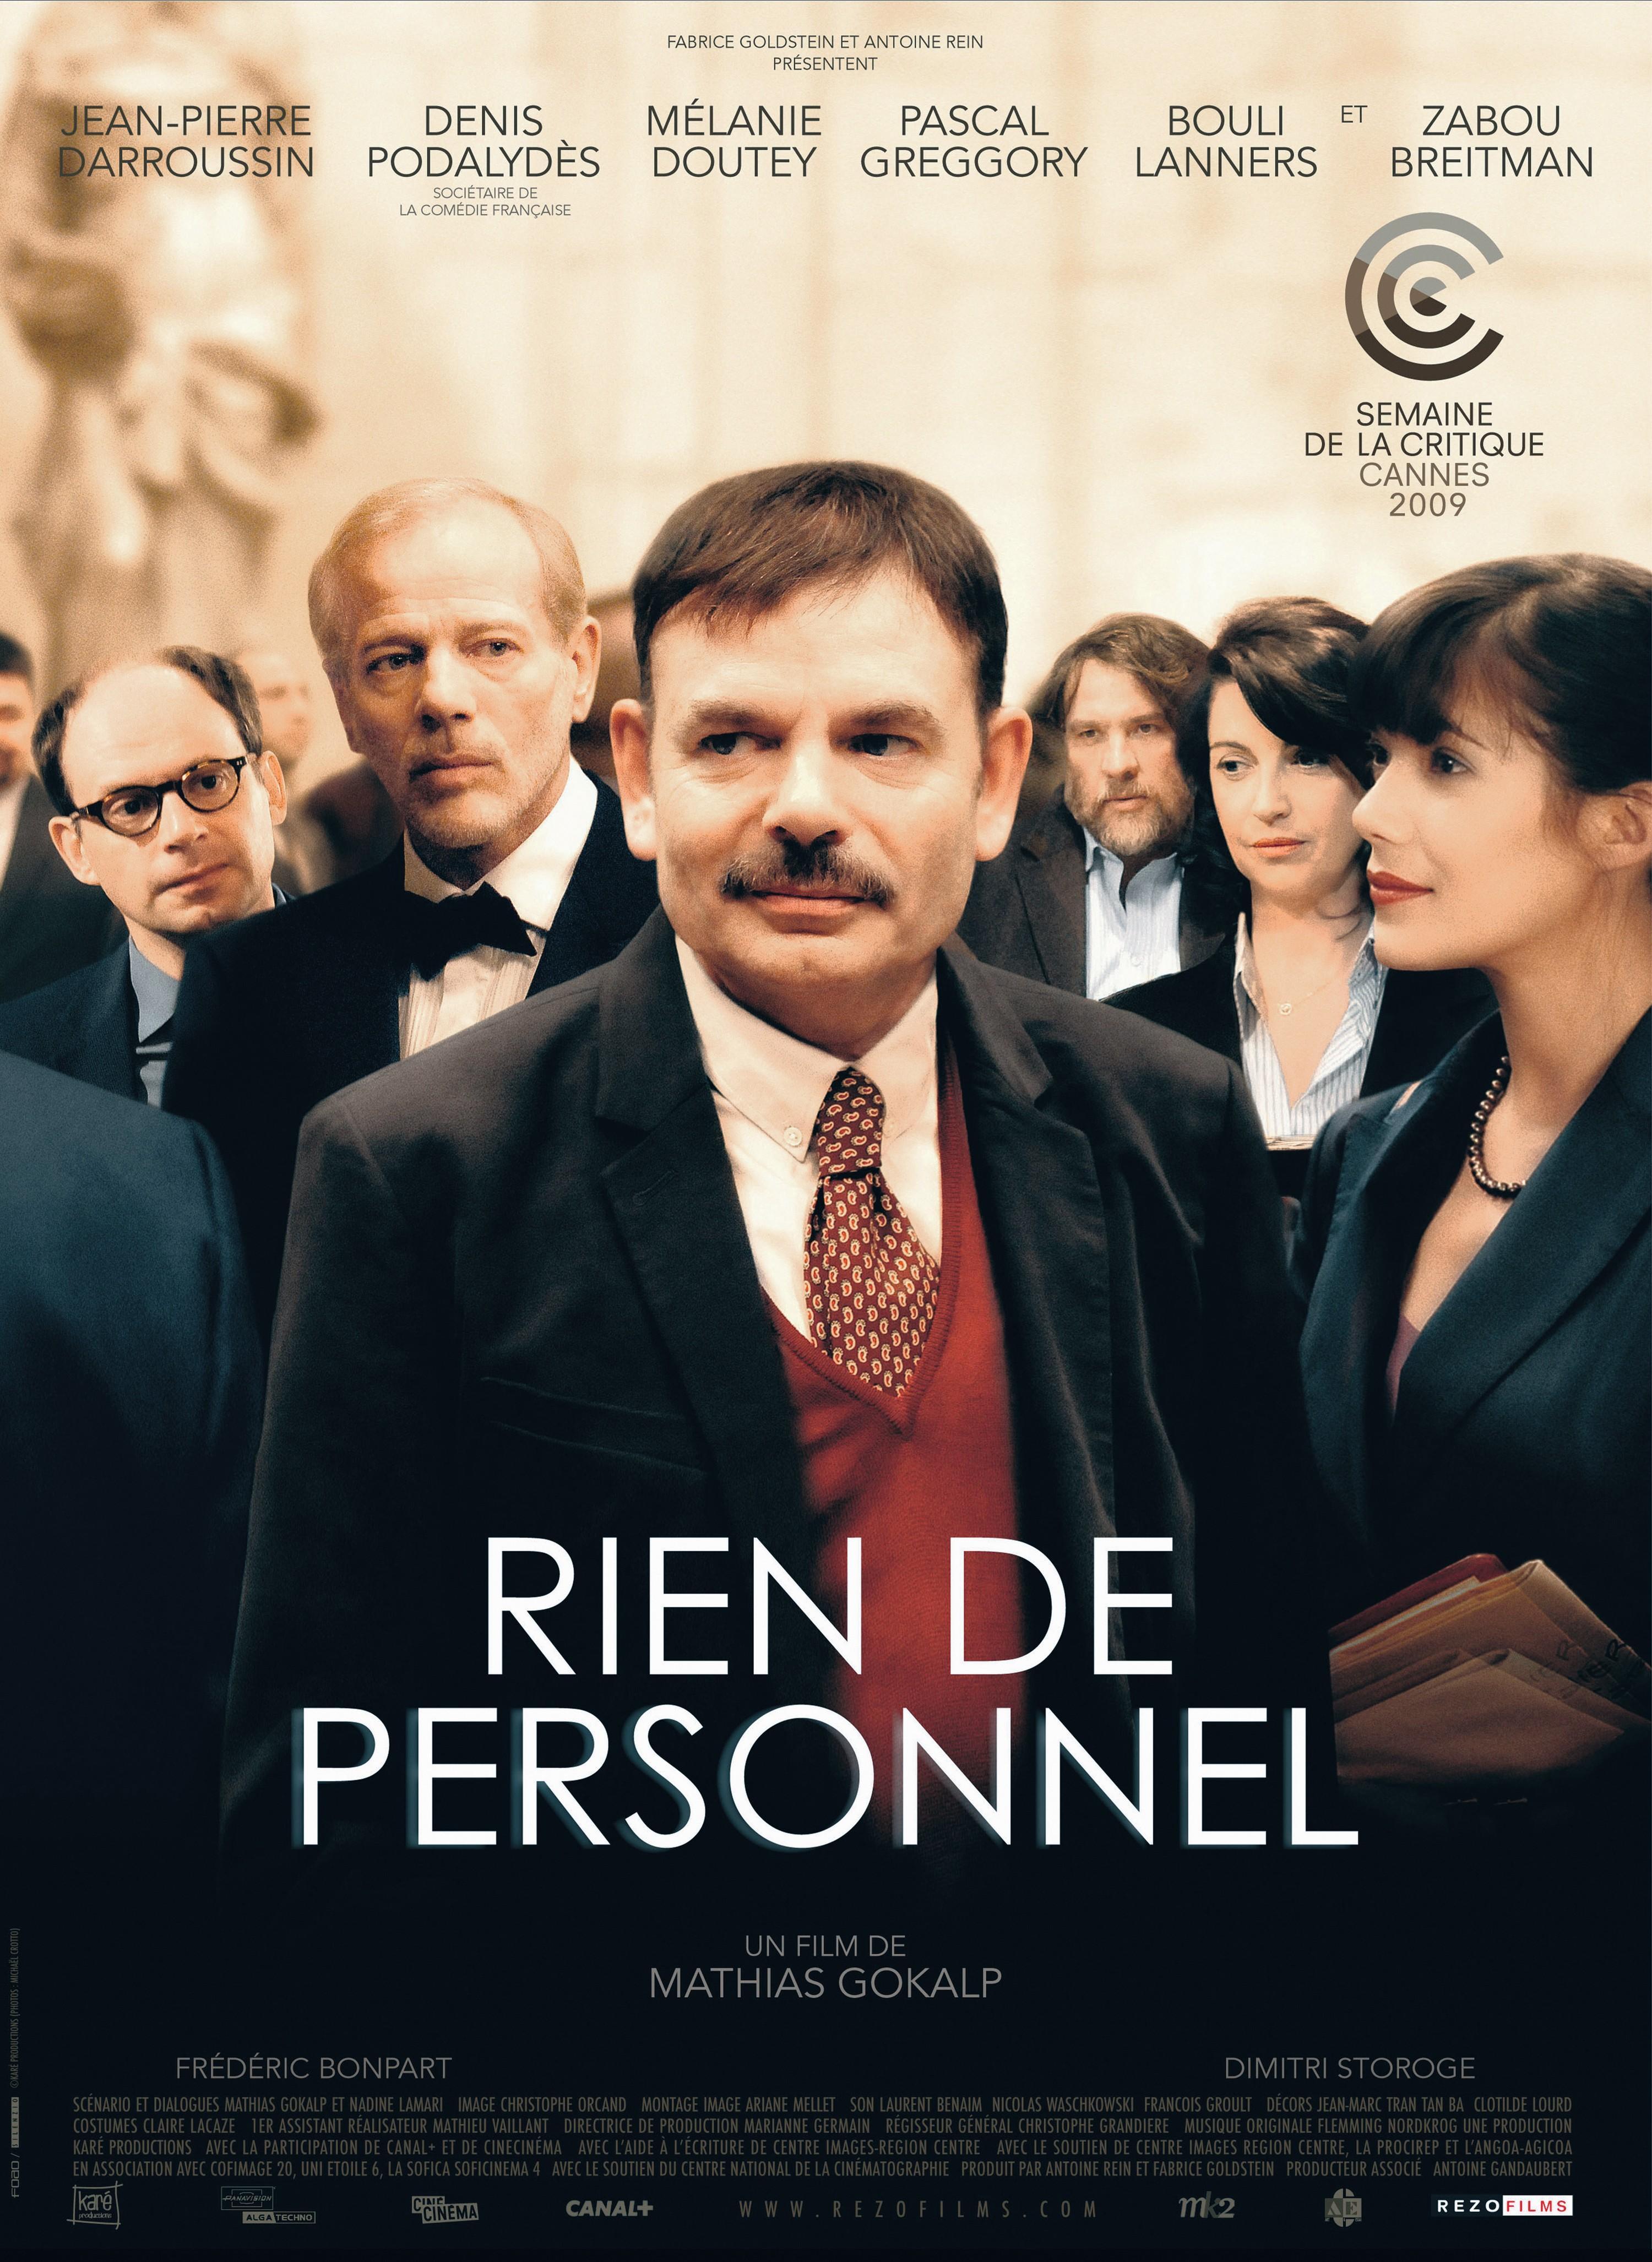 Affiche du film Rien de personnel, de Mathias Gokalp, 2008